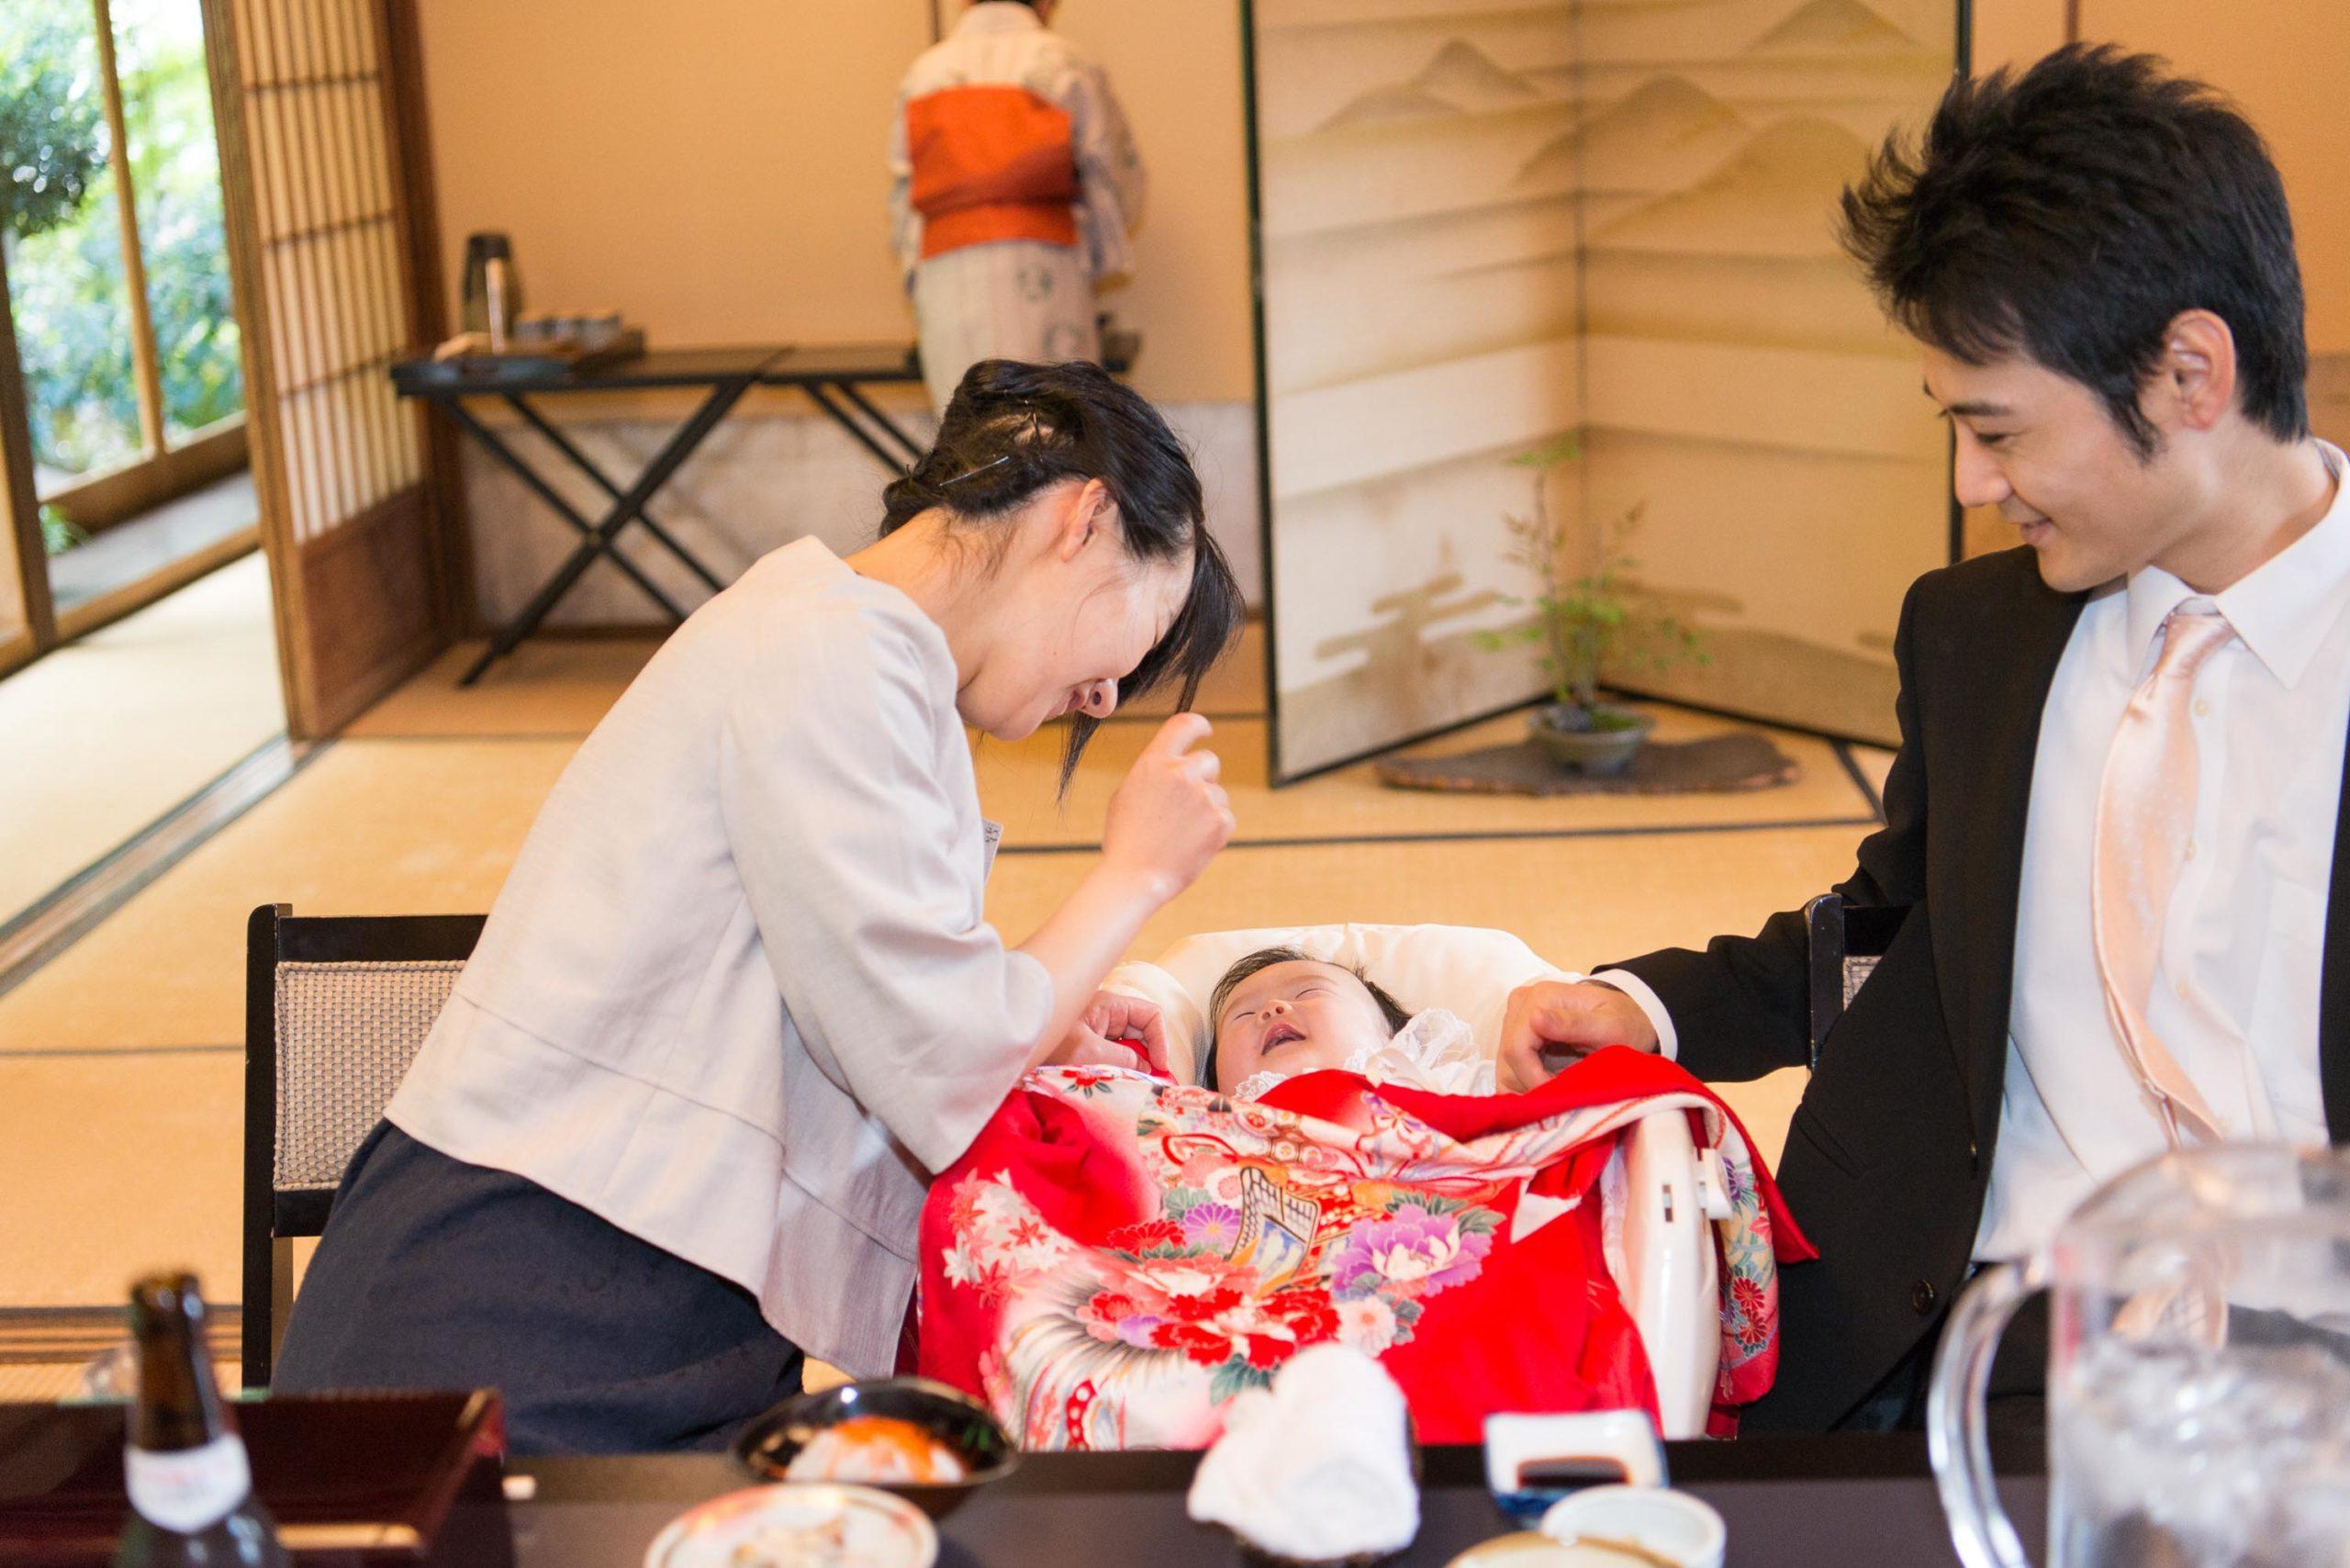 ベビーベッドに寝た赤ちゃんを覗き込む女性